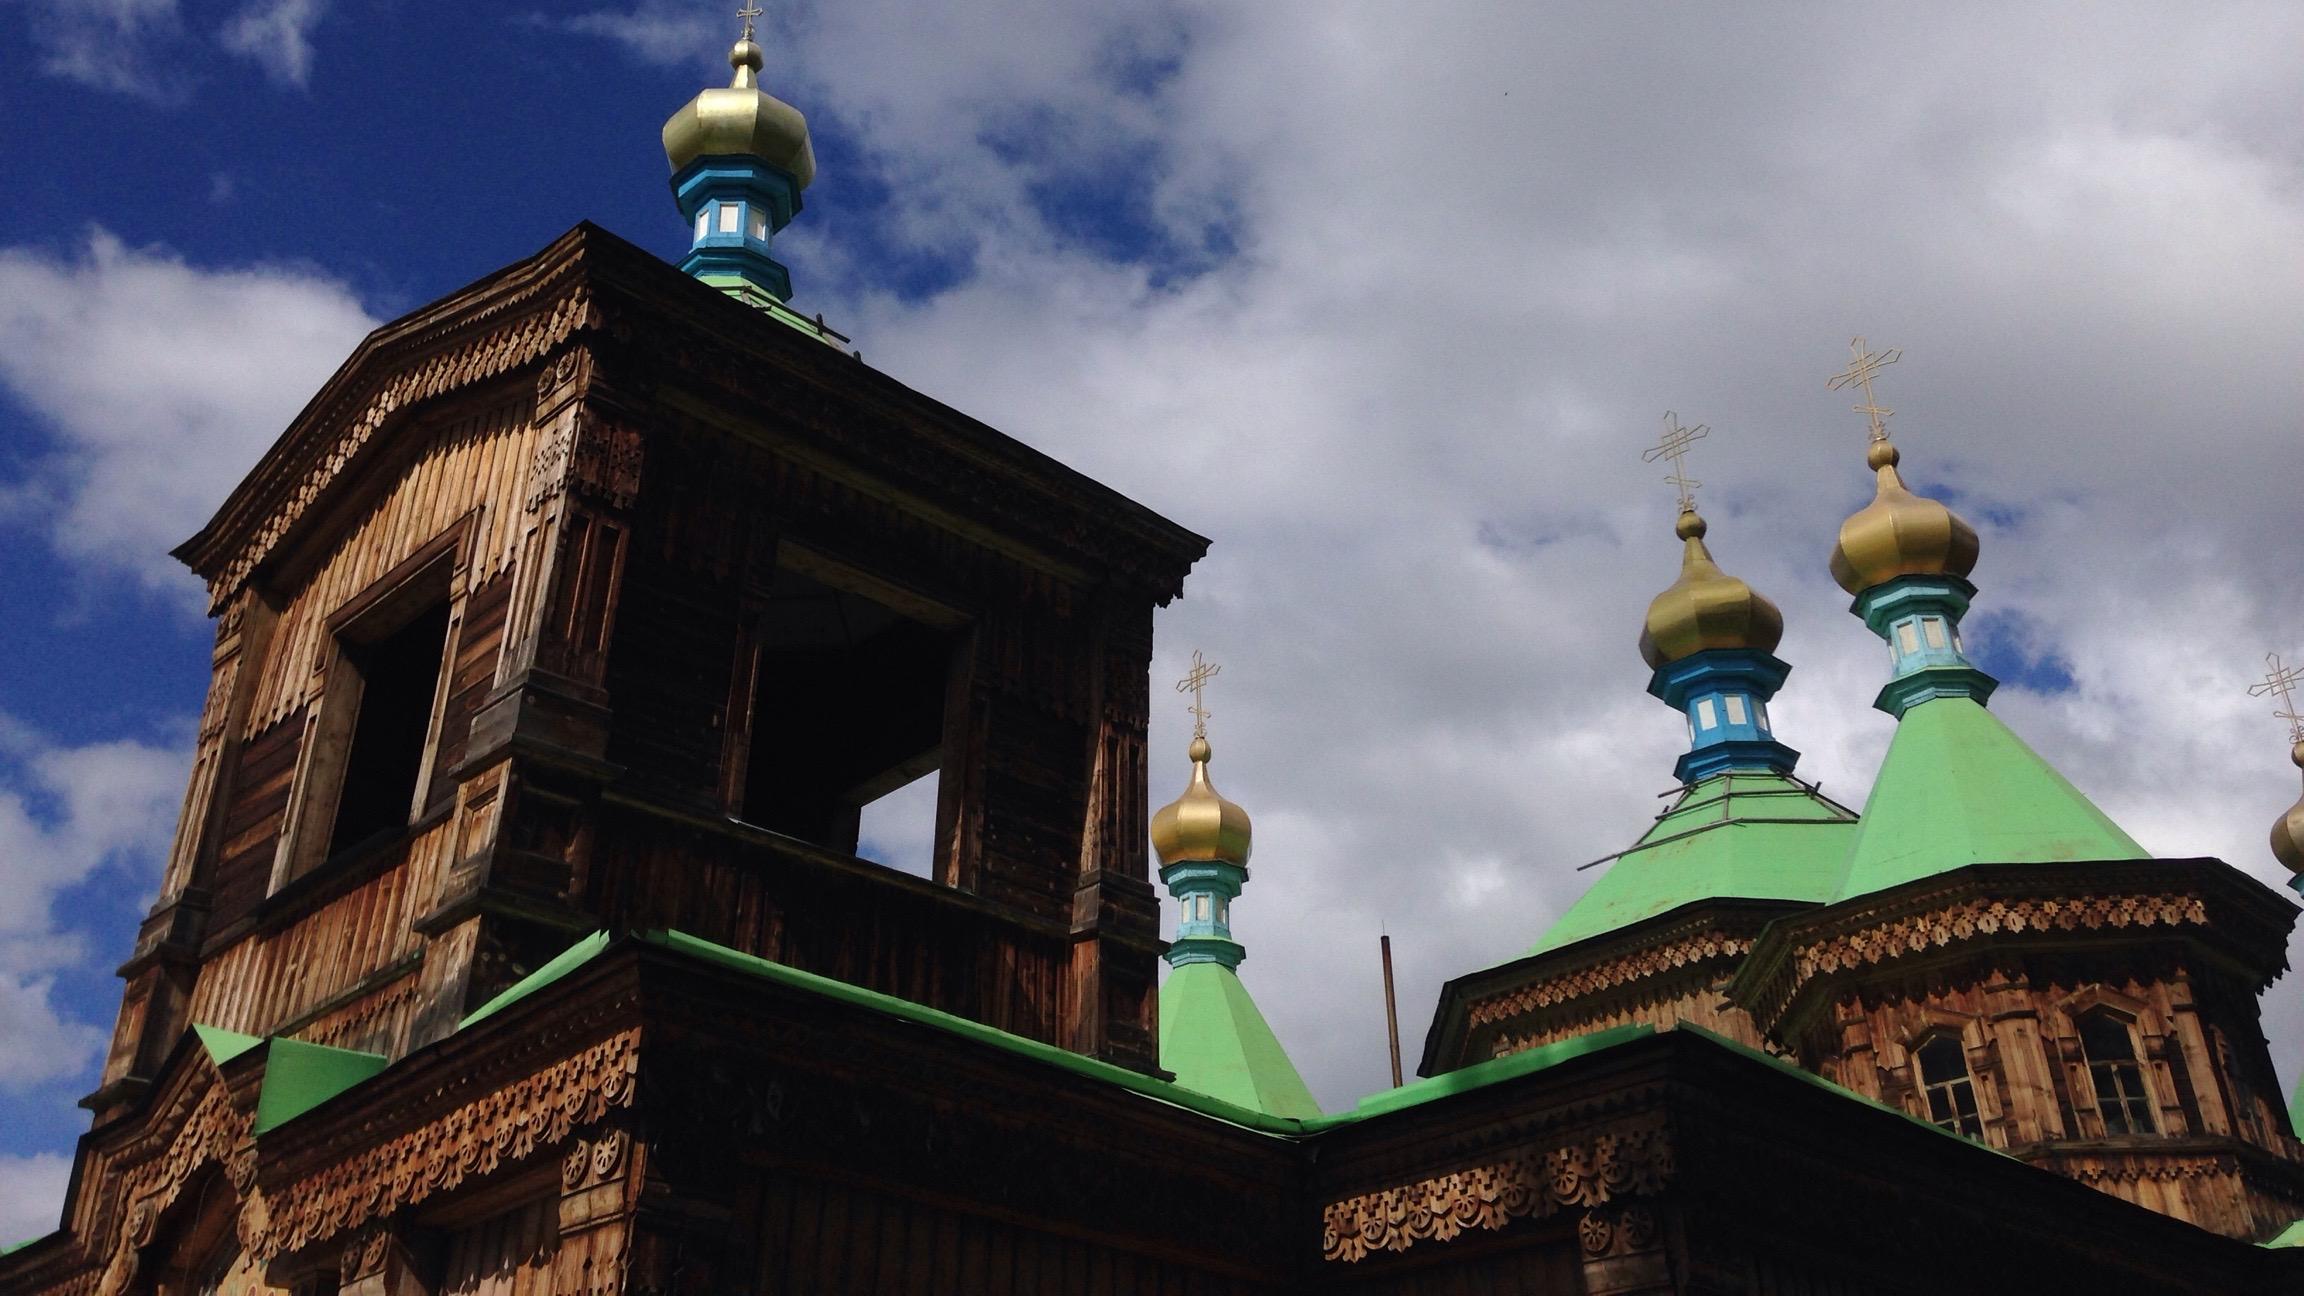 カラコル,宿,コーヒー,JICA,世界一周,旅,ブログ,キルギス,ヤクツアーズ,ロシア正教会